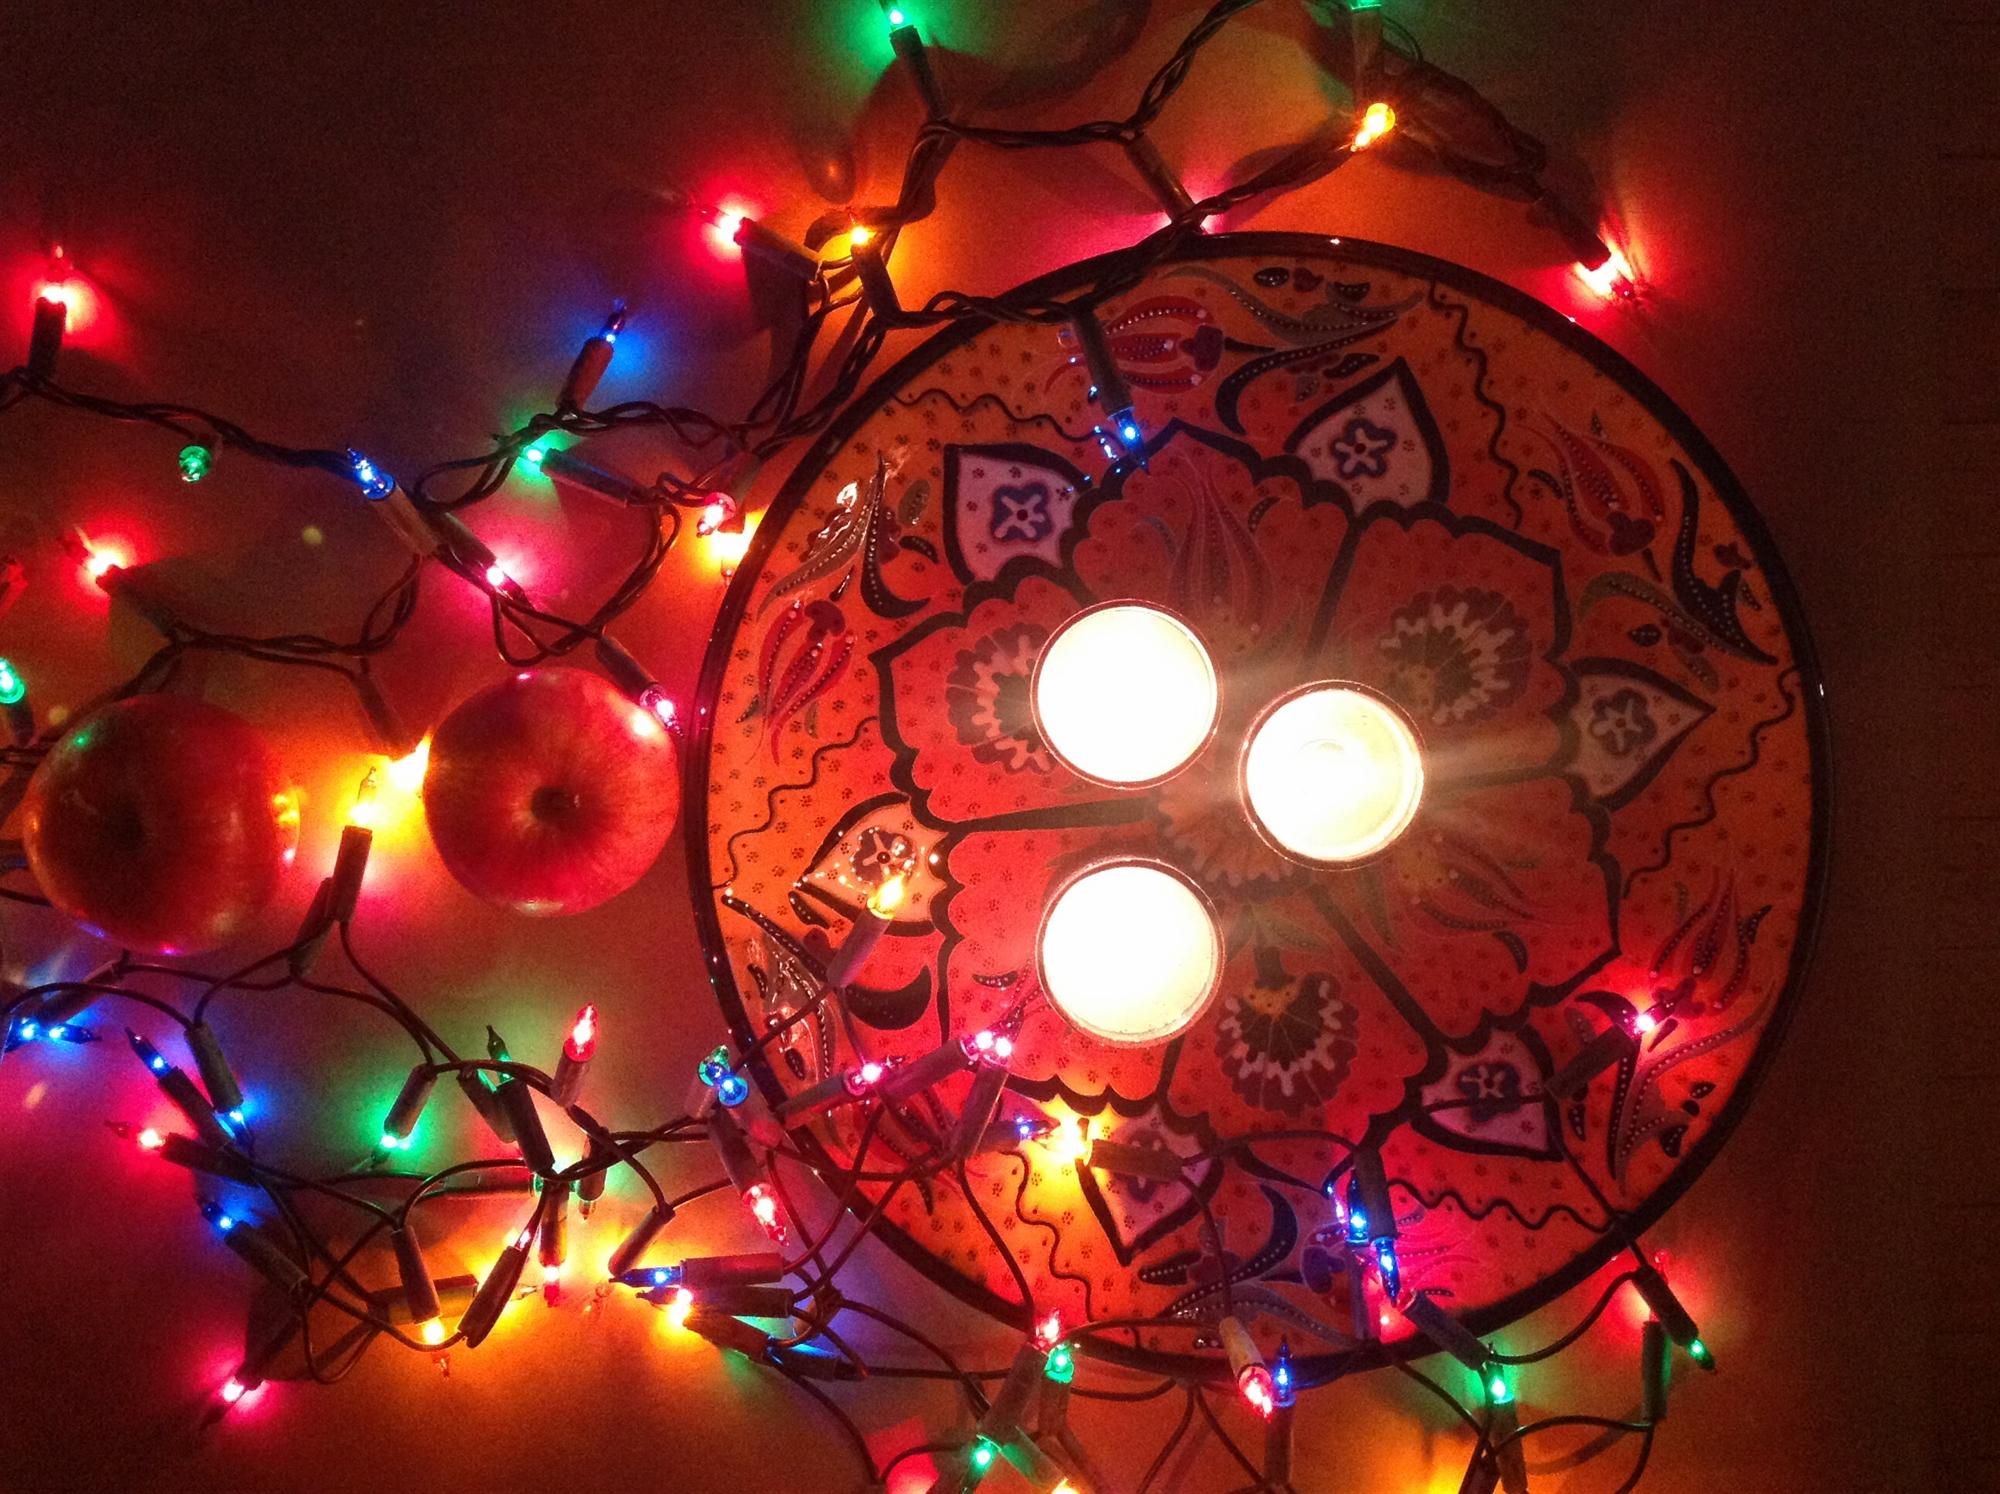 9 gwiazda_betlejemska_boze_narodzenie_wigilia_dekoracje_stol_na_swieta_pomysly_christmas_decorationg_ideas_home_decor_interio_design_holiday_table_setting_forelements_blog